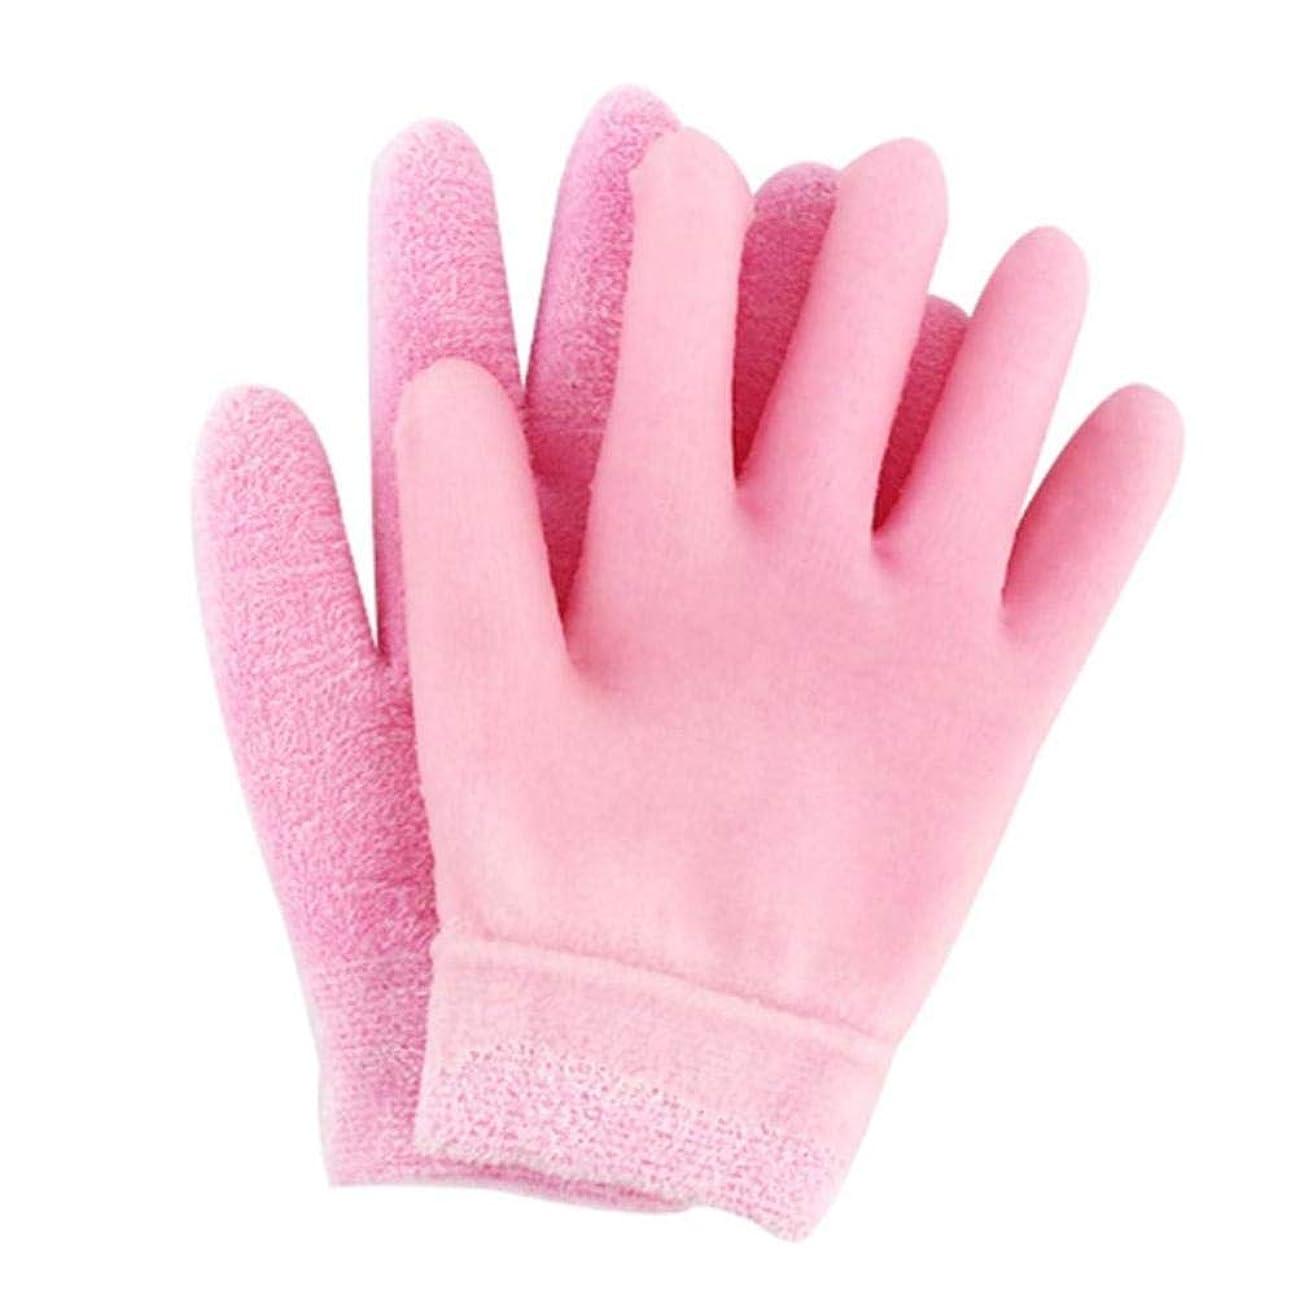 請求書概念献身Flymylion 美容 保湿 手袋 ハイドロ ジェル グローブ 手荒れ対策 フリーサイズ